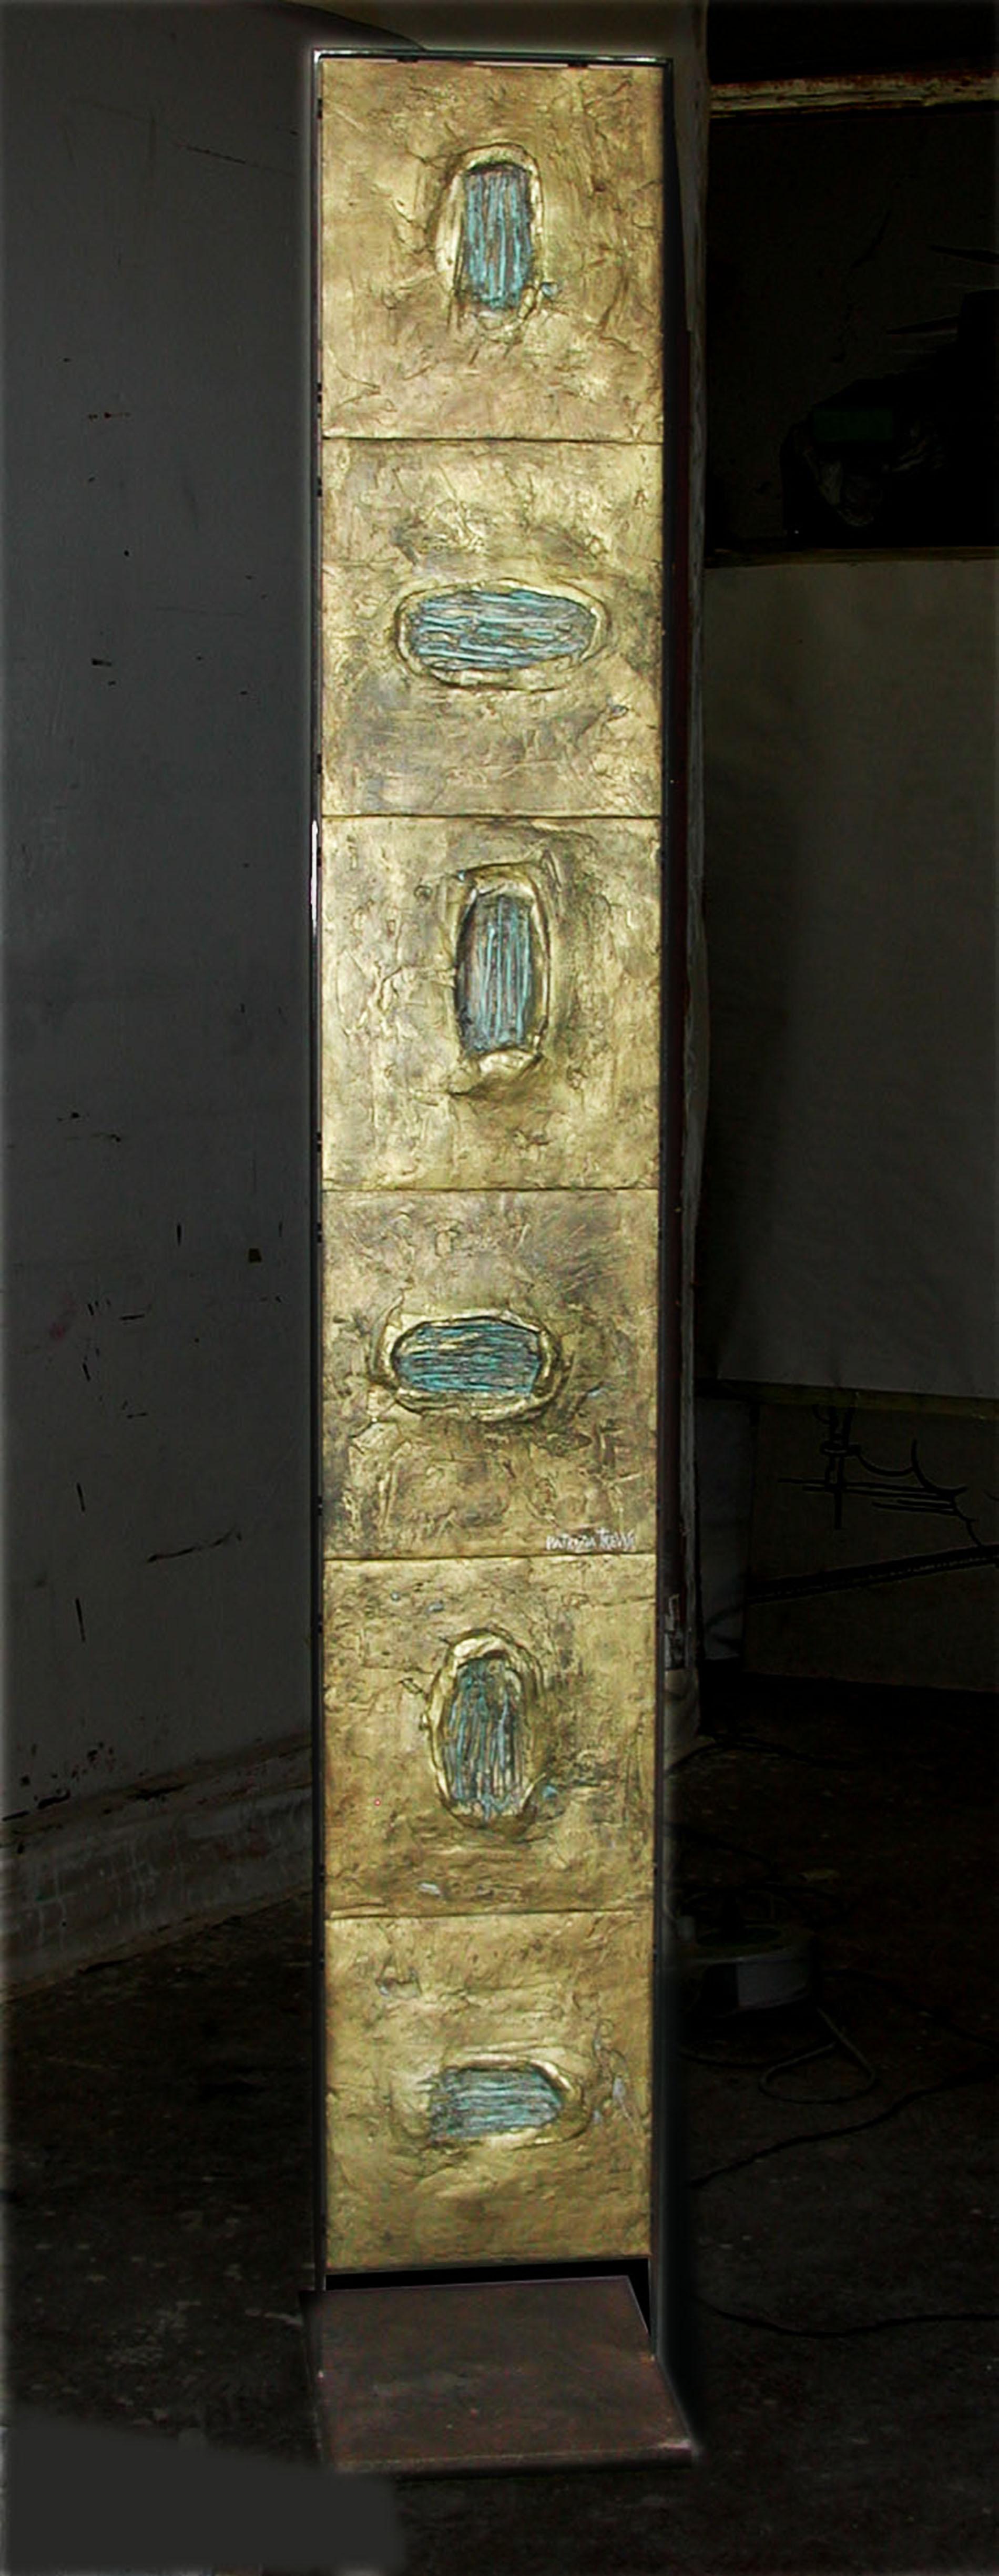 Piastre Esagramma 2011 Collezione privata Roma Gesso modellato su multistrato. Colorazione con oro bronzato Cm 200x40